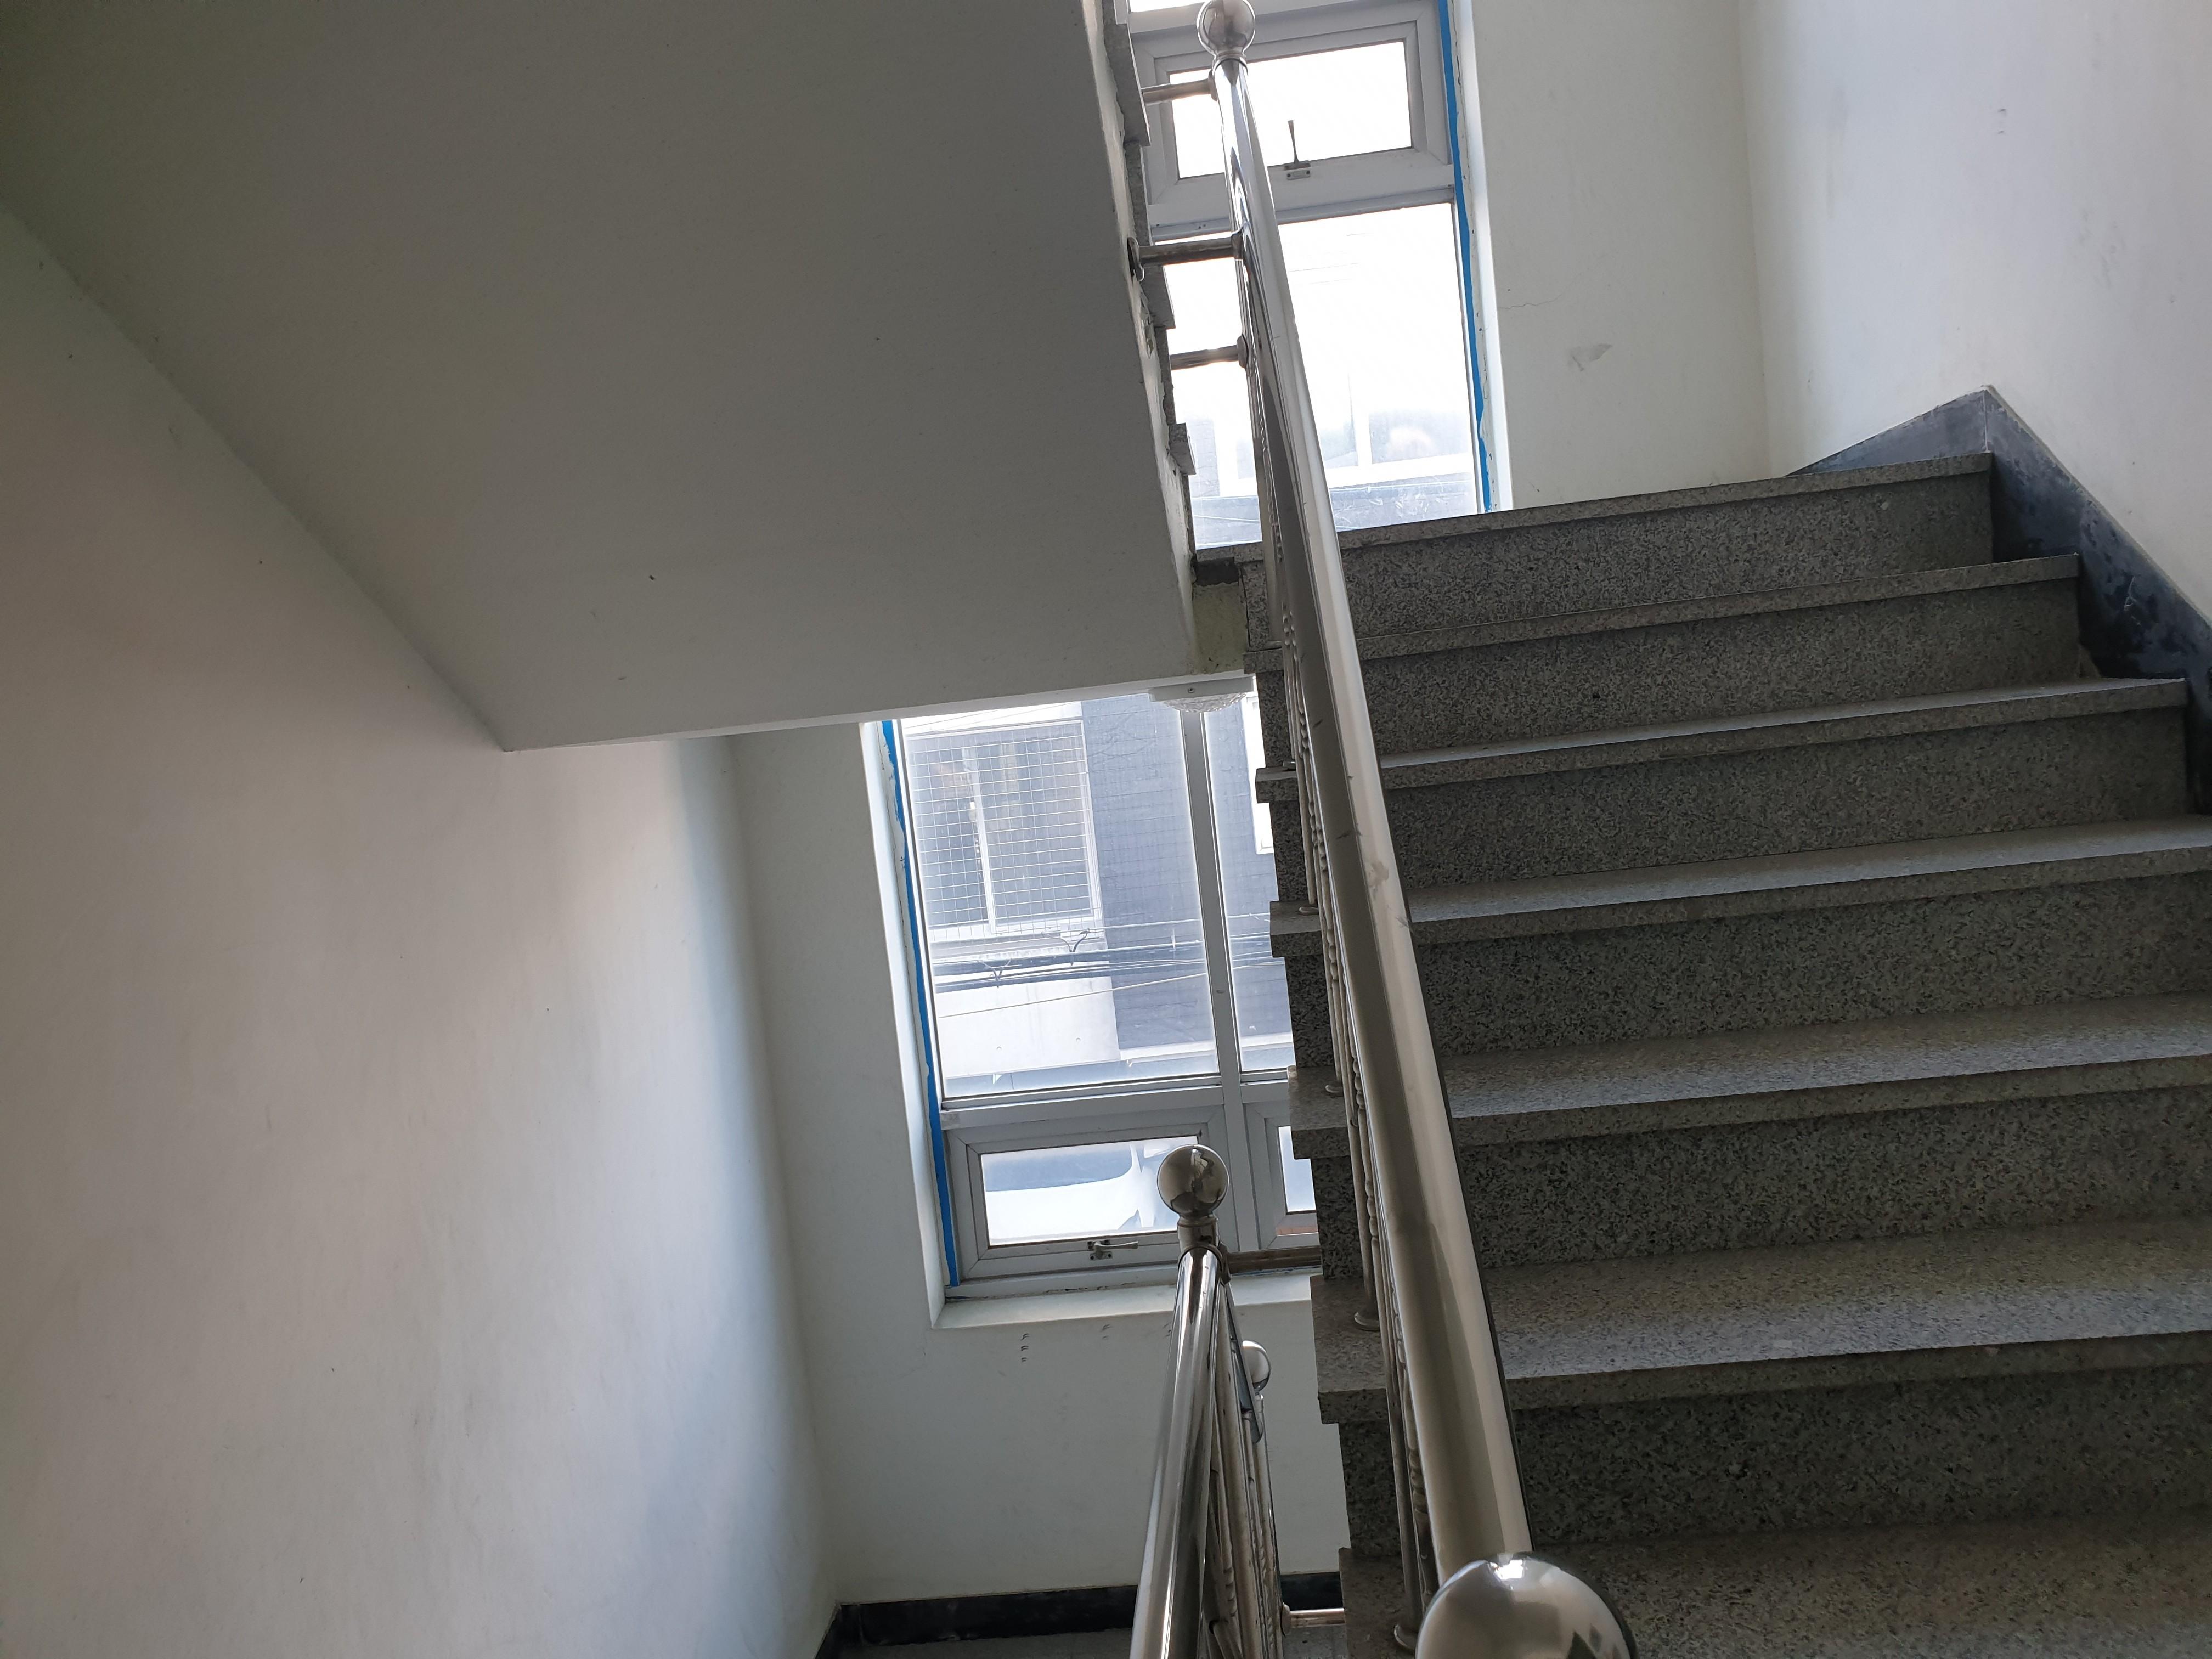 8 번째 사진 단독주택 에  연면적344.98 ㎡ 부산 남구 동명로 석면조사 현장